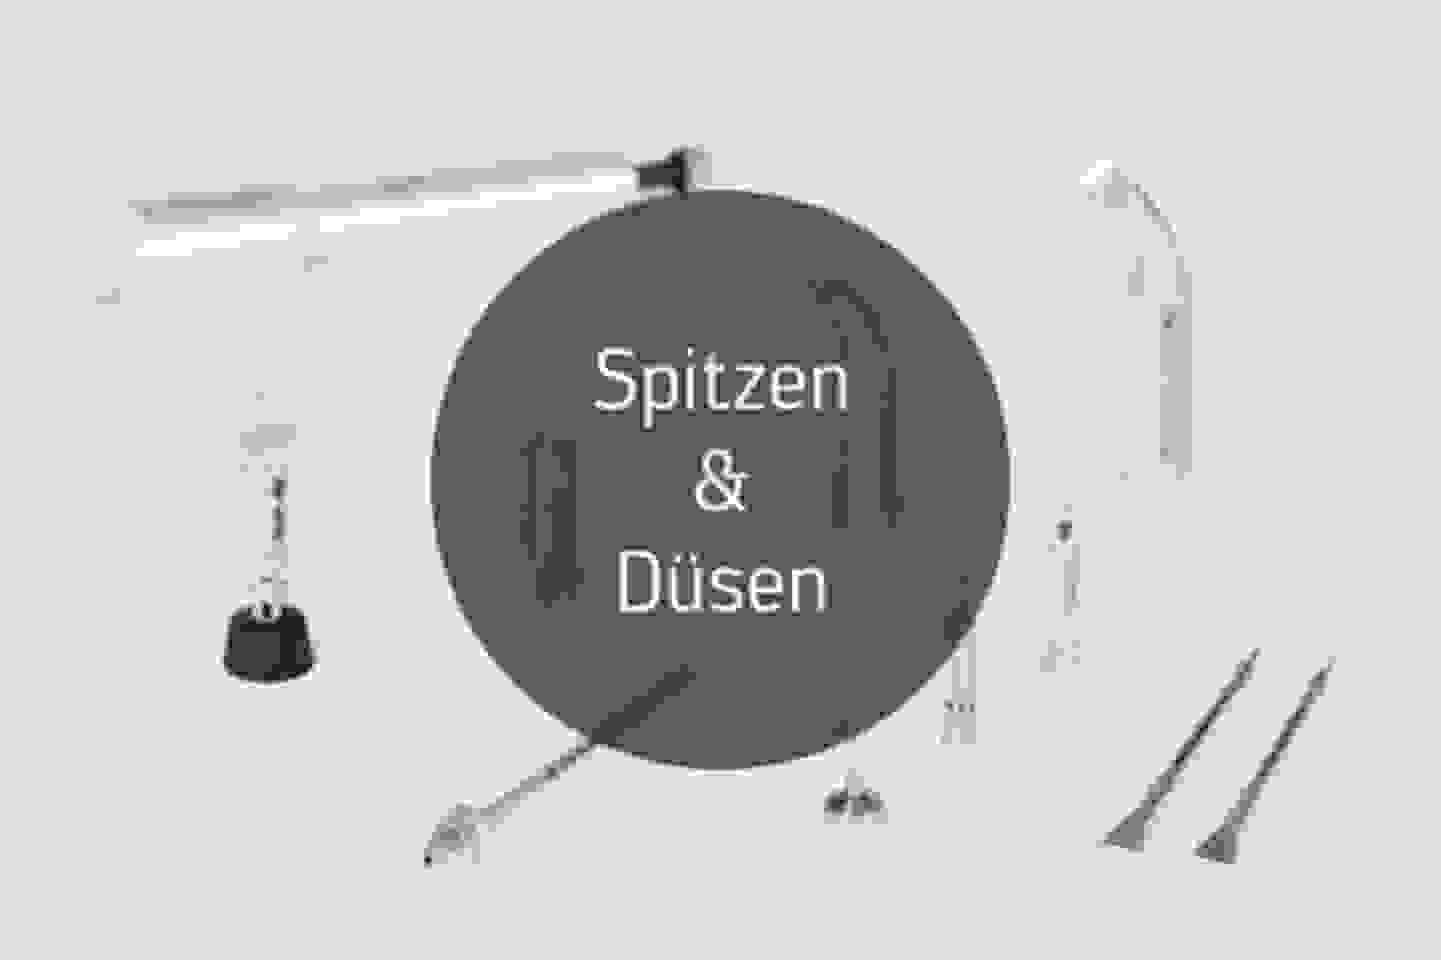 Spitzen & Düsen